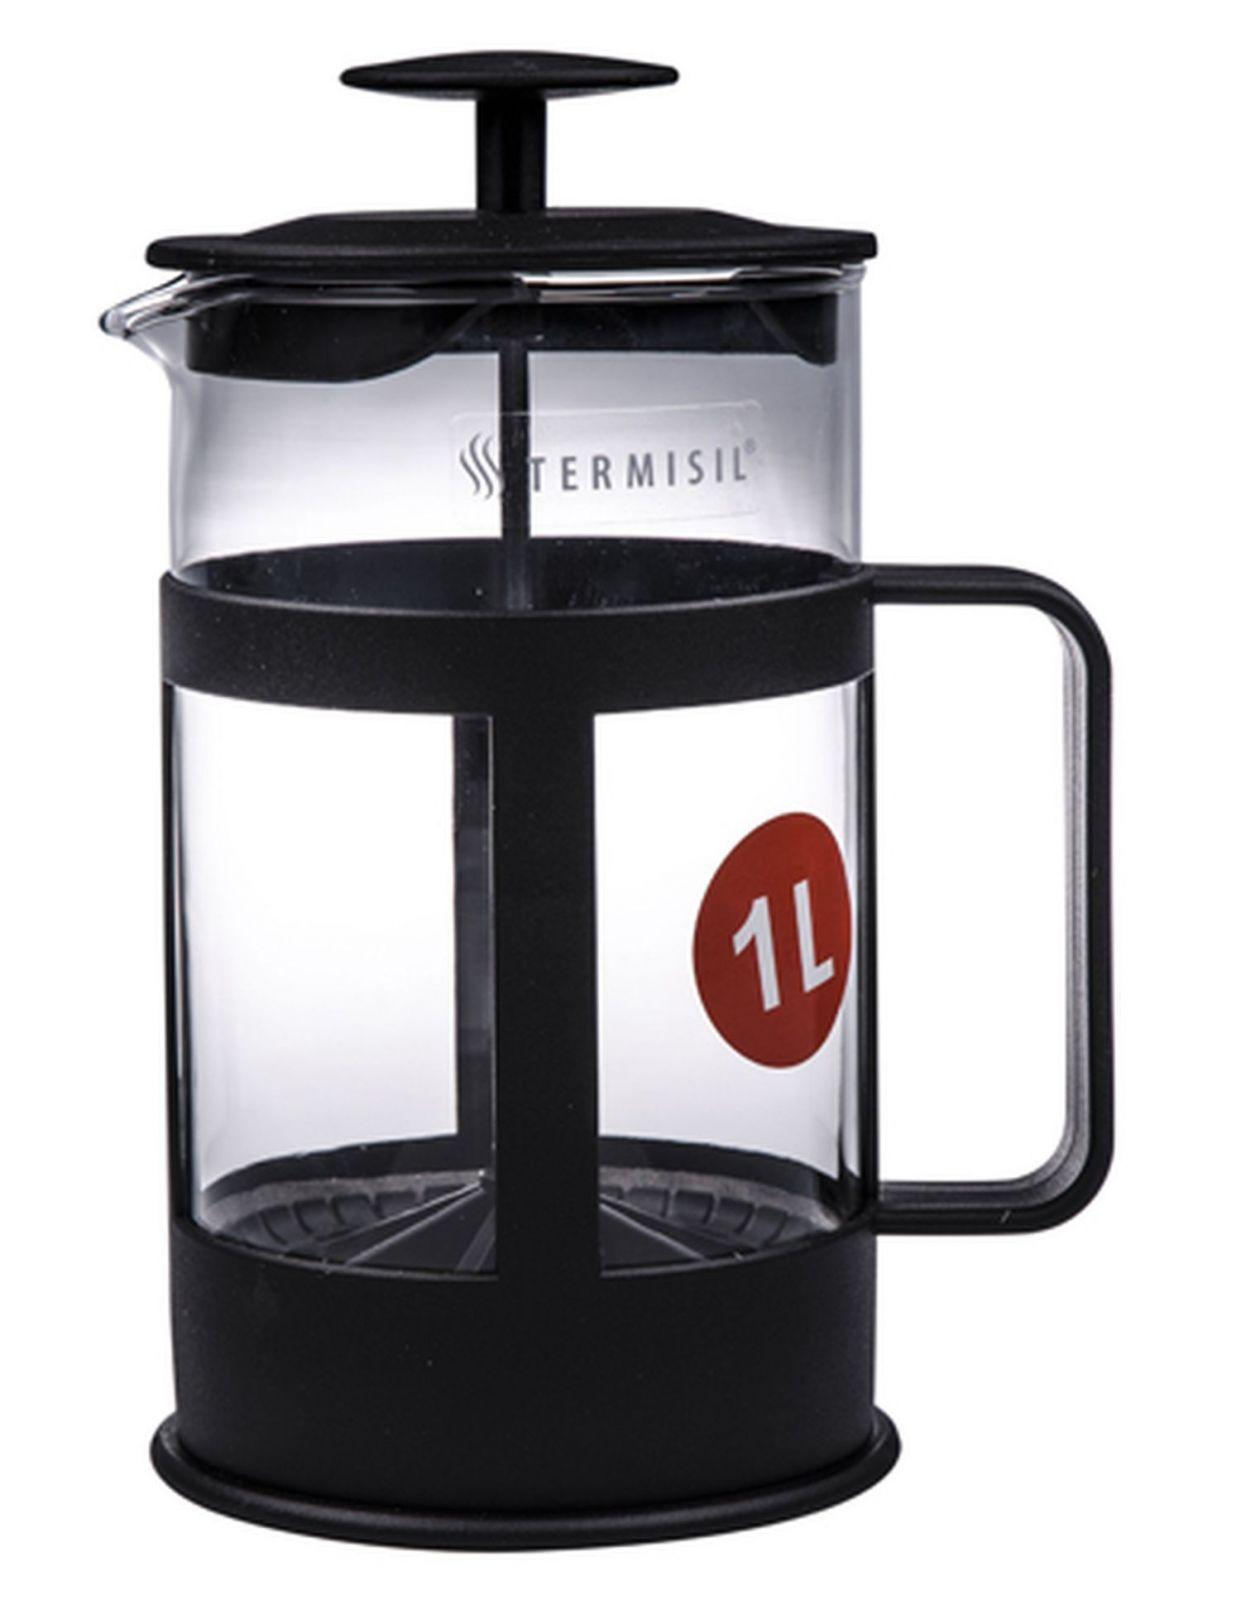 Florina Konvice na kávu nebo čaj se sítkem TERMISIL 1 l pro tzv. French press